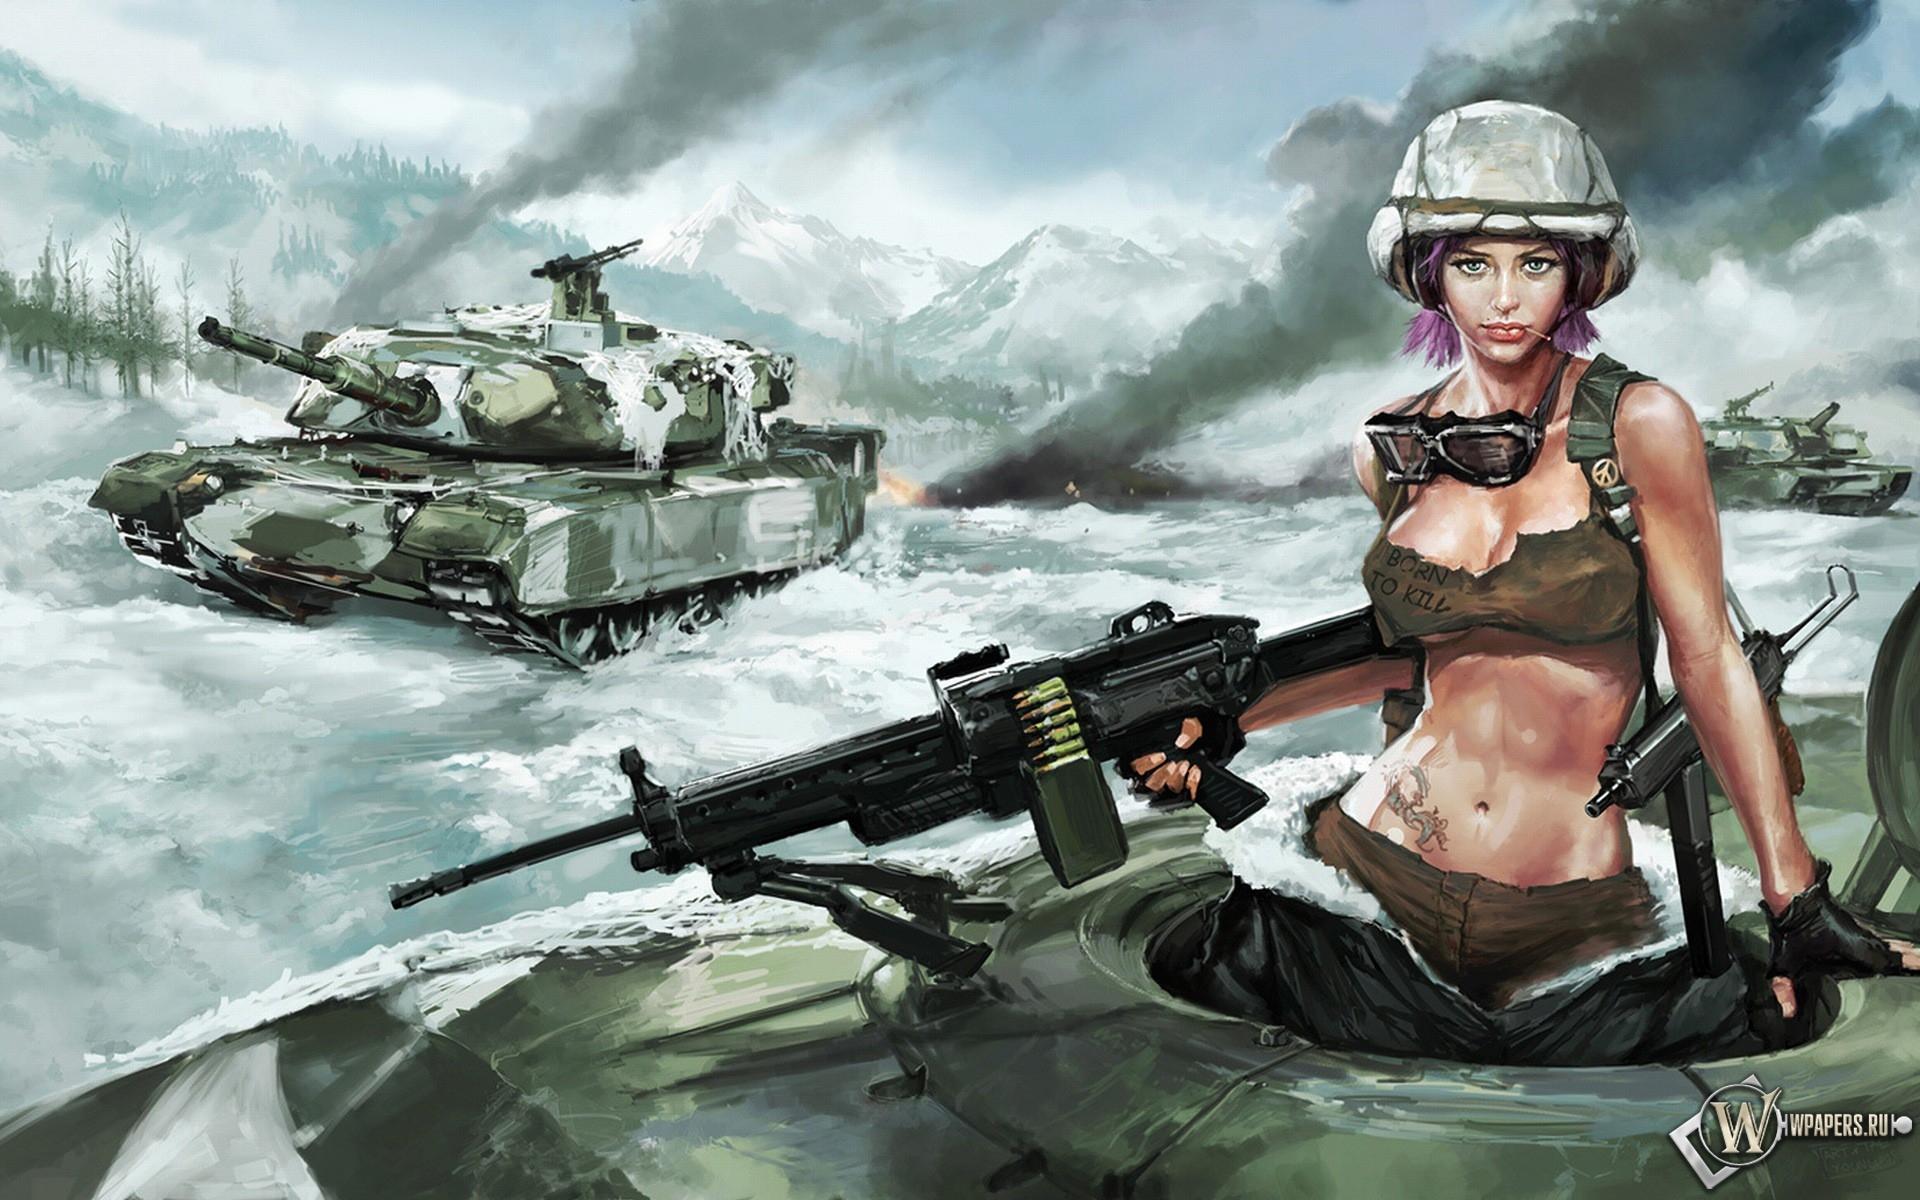 Девушка в танке 1920x1200